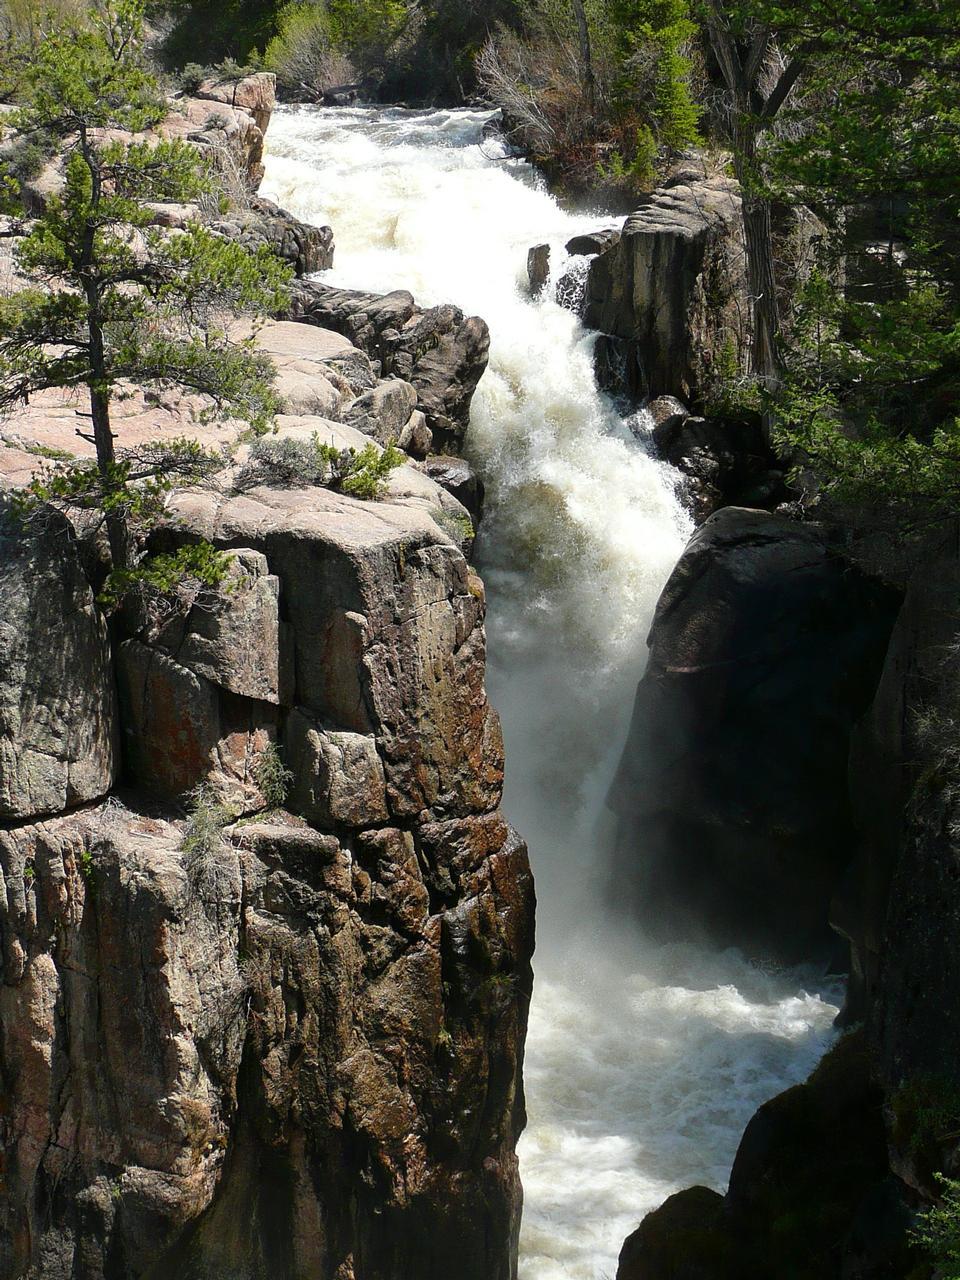 阿萨巴斯卡瀑布,贾斯珀国家公园,加拿大阿尔伯塔省